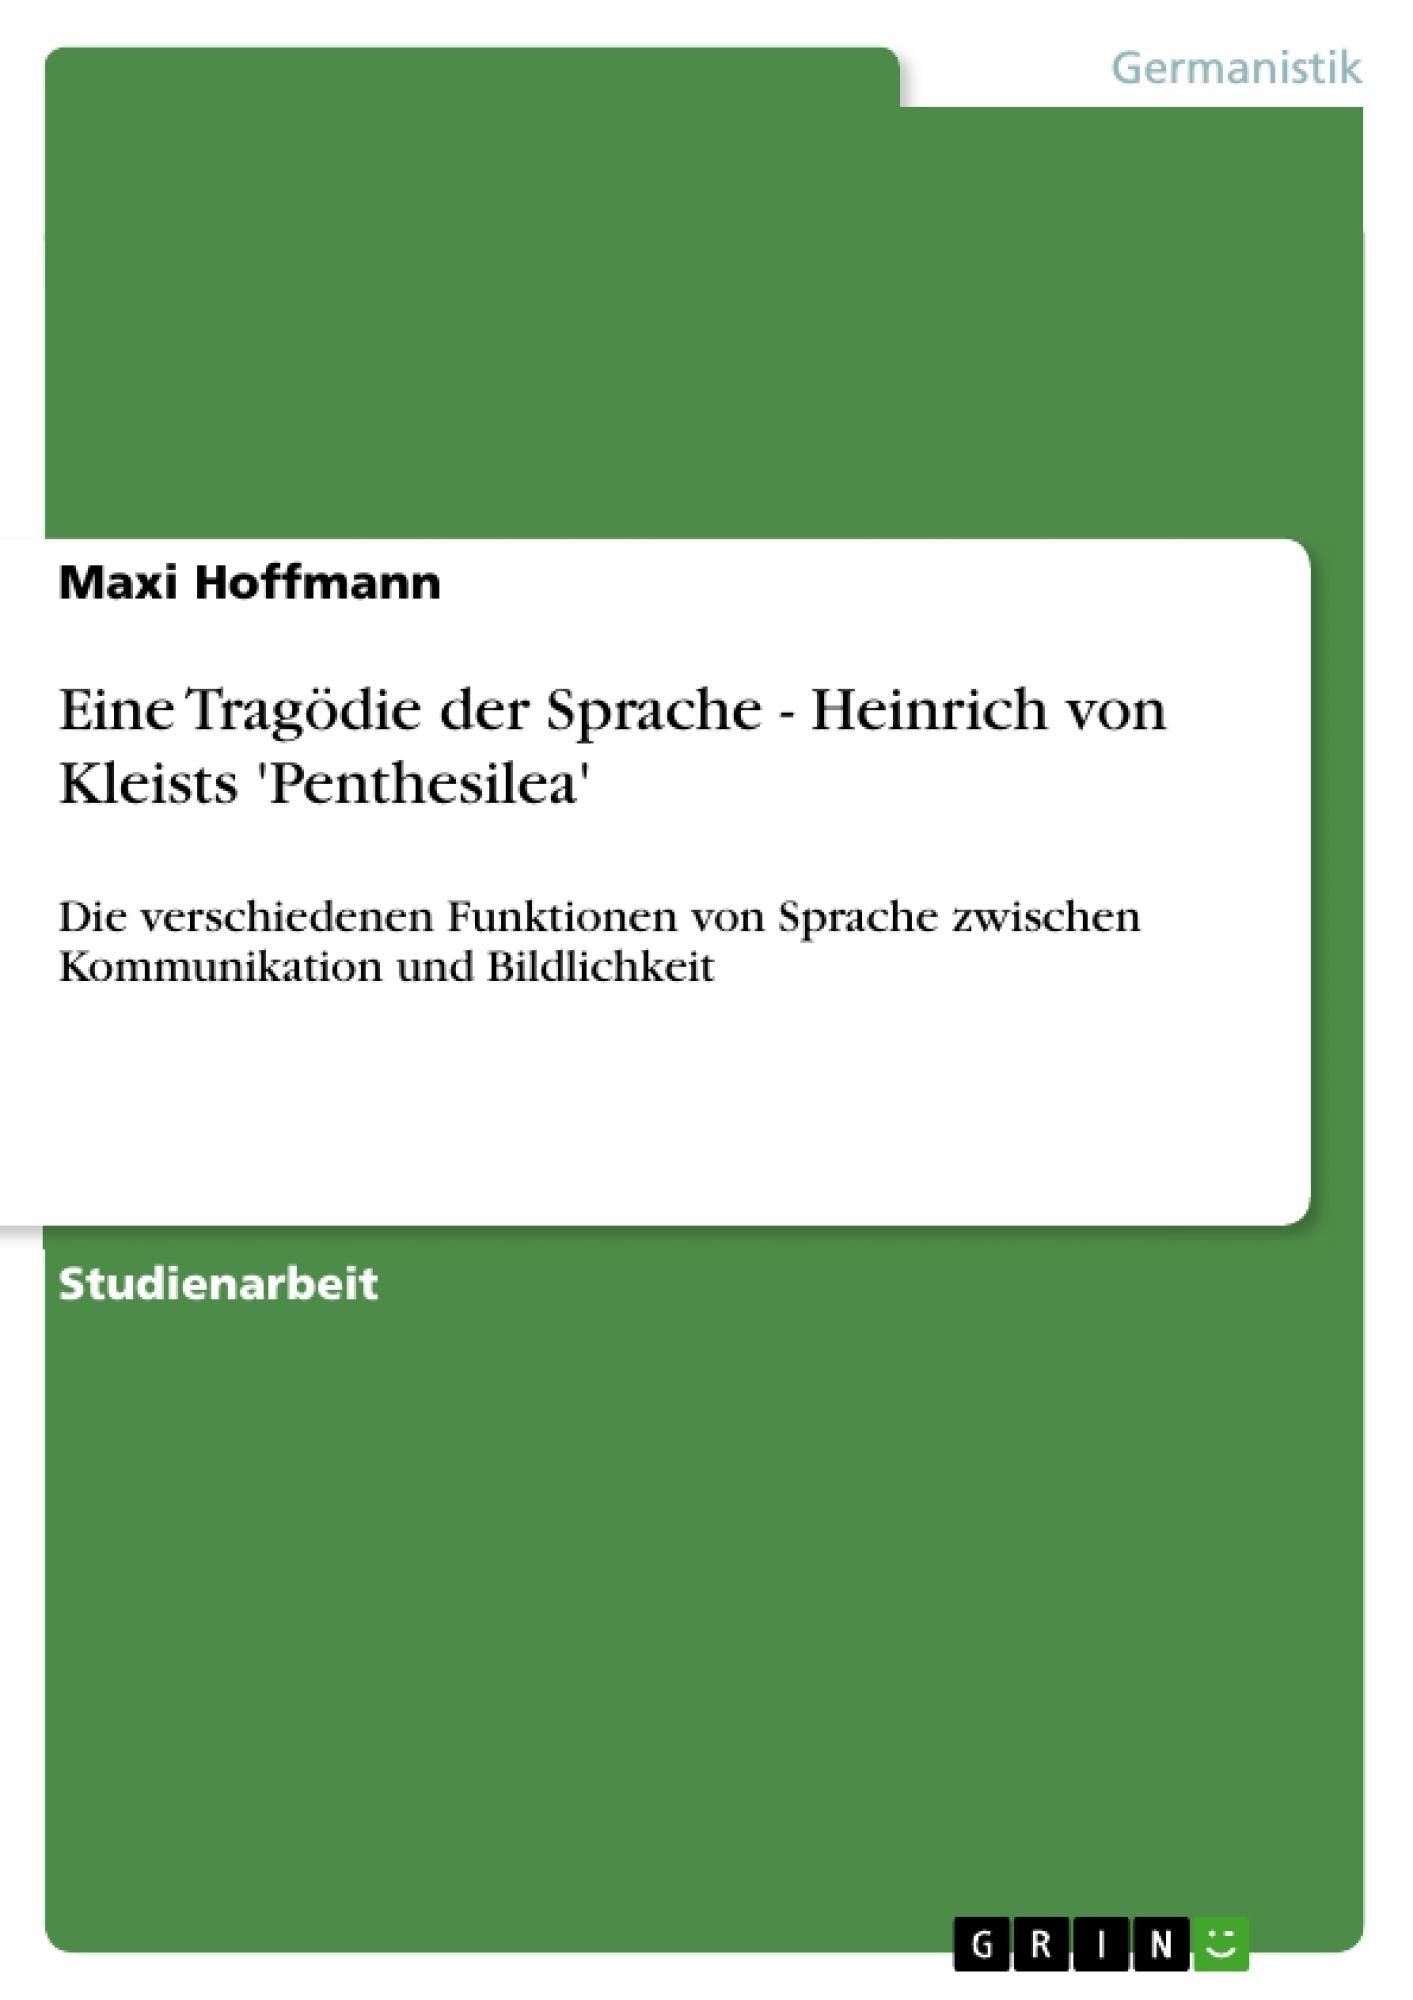 Titel: Eine Tragödie der Sprache - Heinrich von Kleists 'Penthesilea'